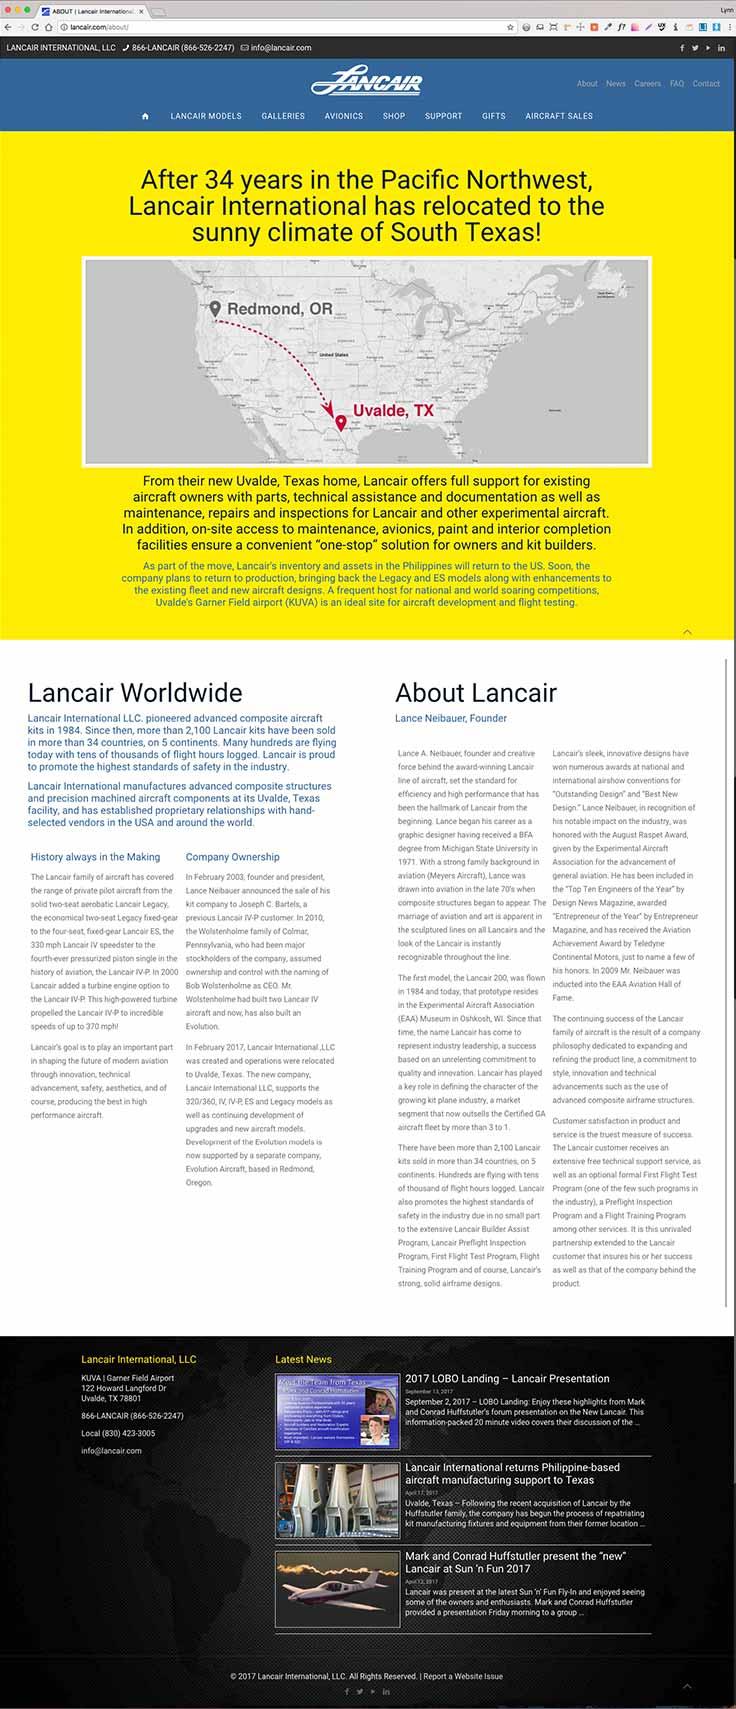 Lancair International website screenshot